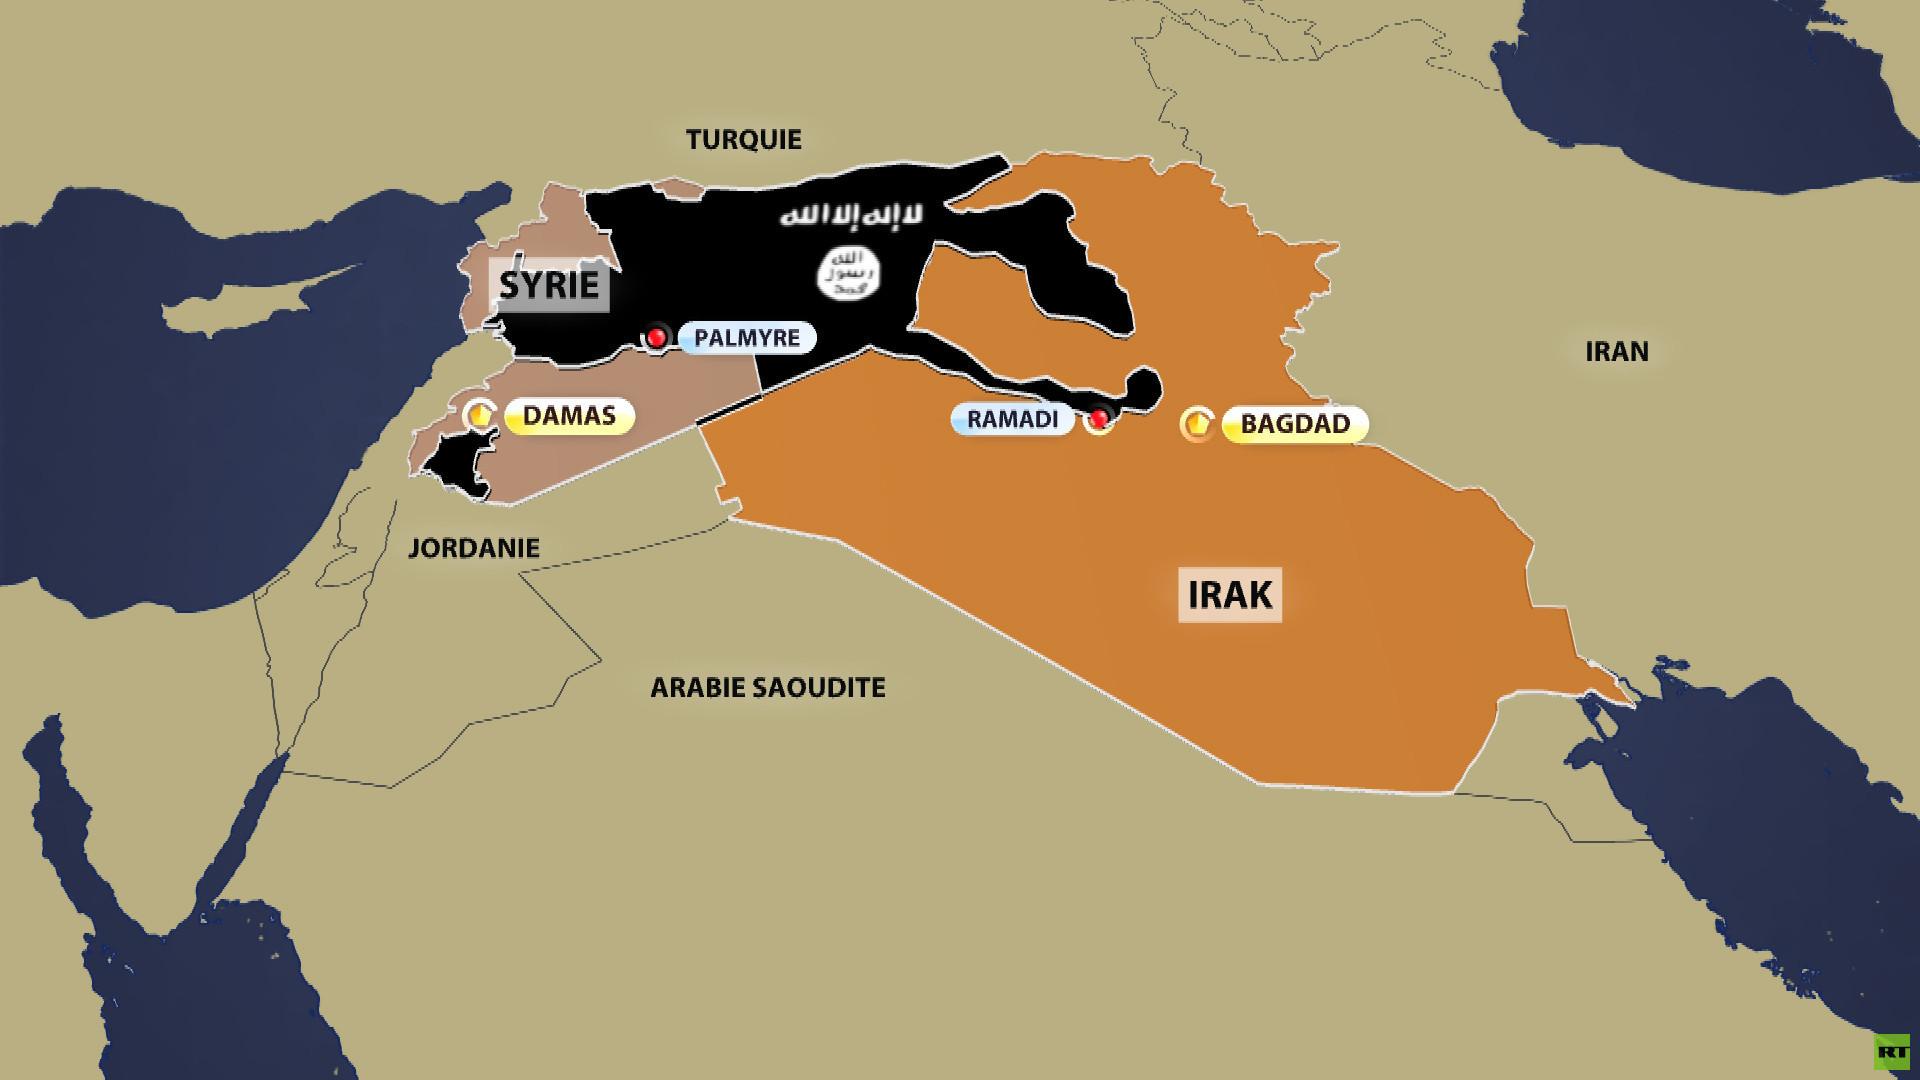 Washington élève d'un cran sa rhétorique anti-Assad après s'être donné le droit d'attaquer la Syrie